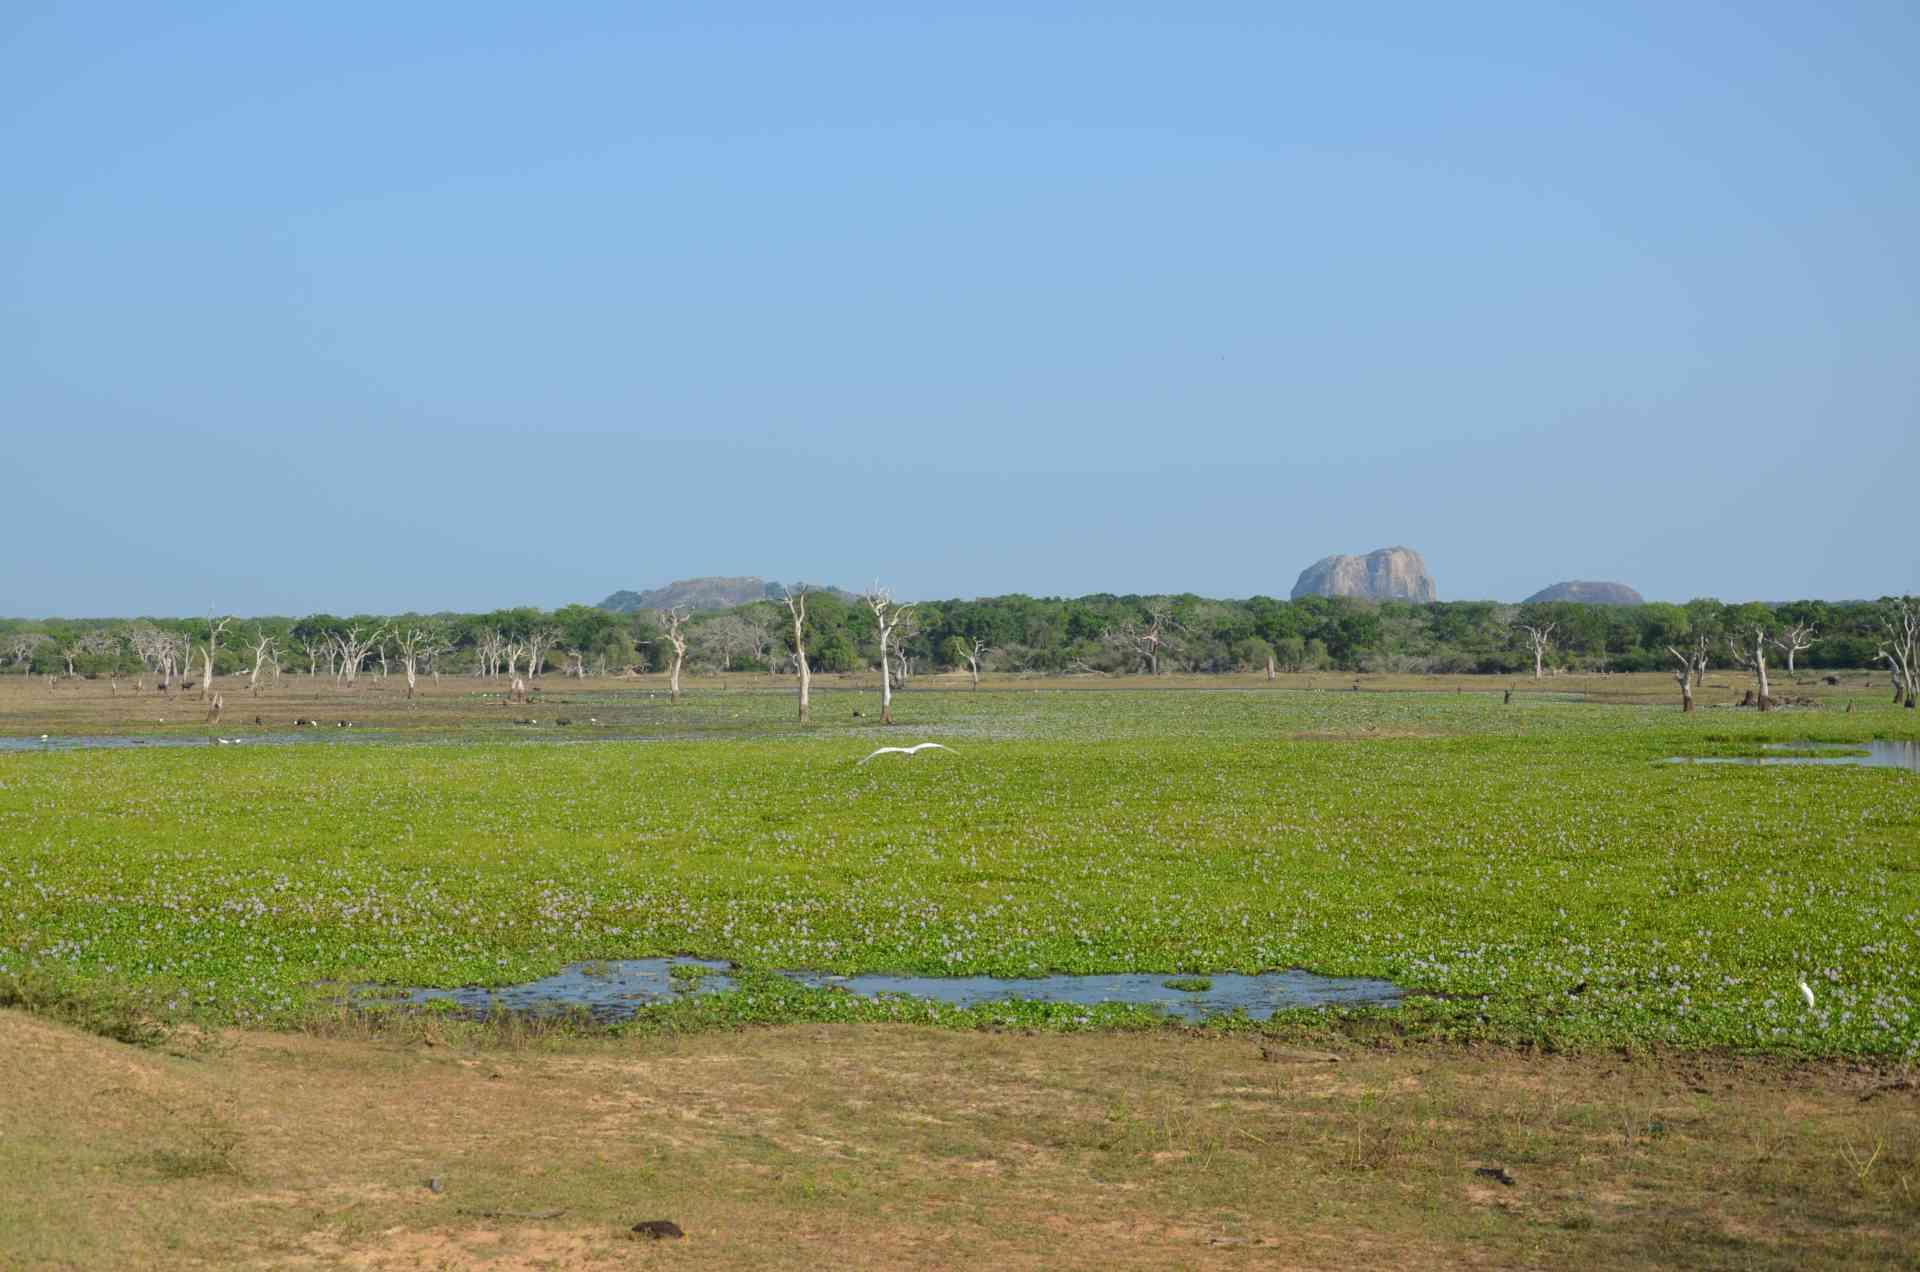 Yala National Park, Sri Lanka by Annelieke Huijgens